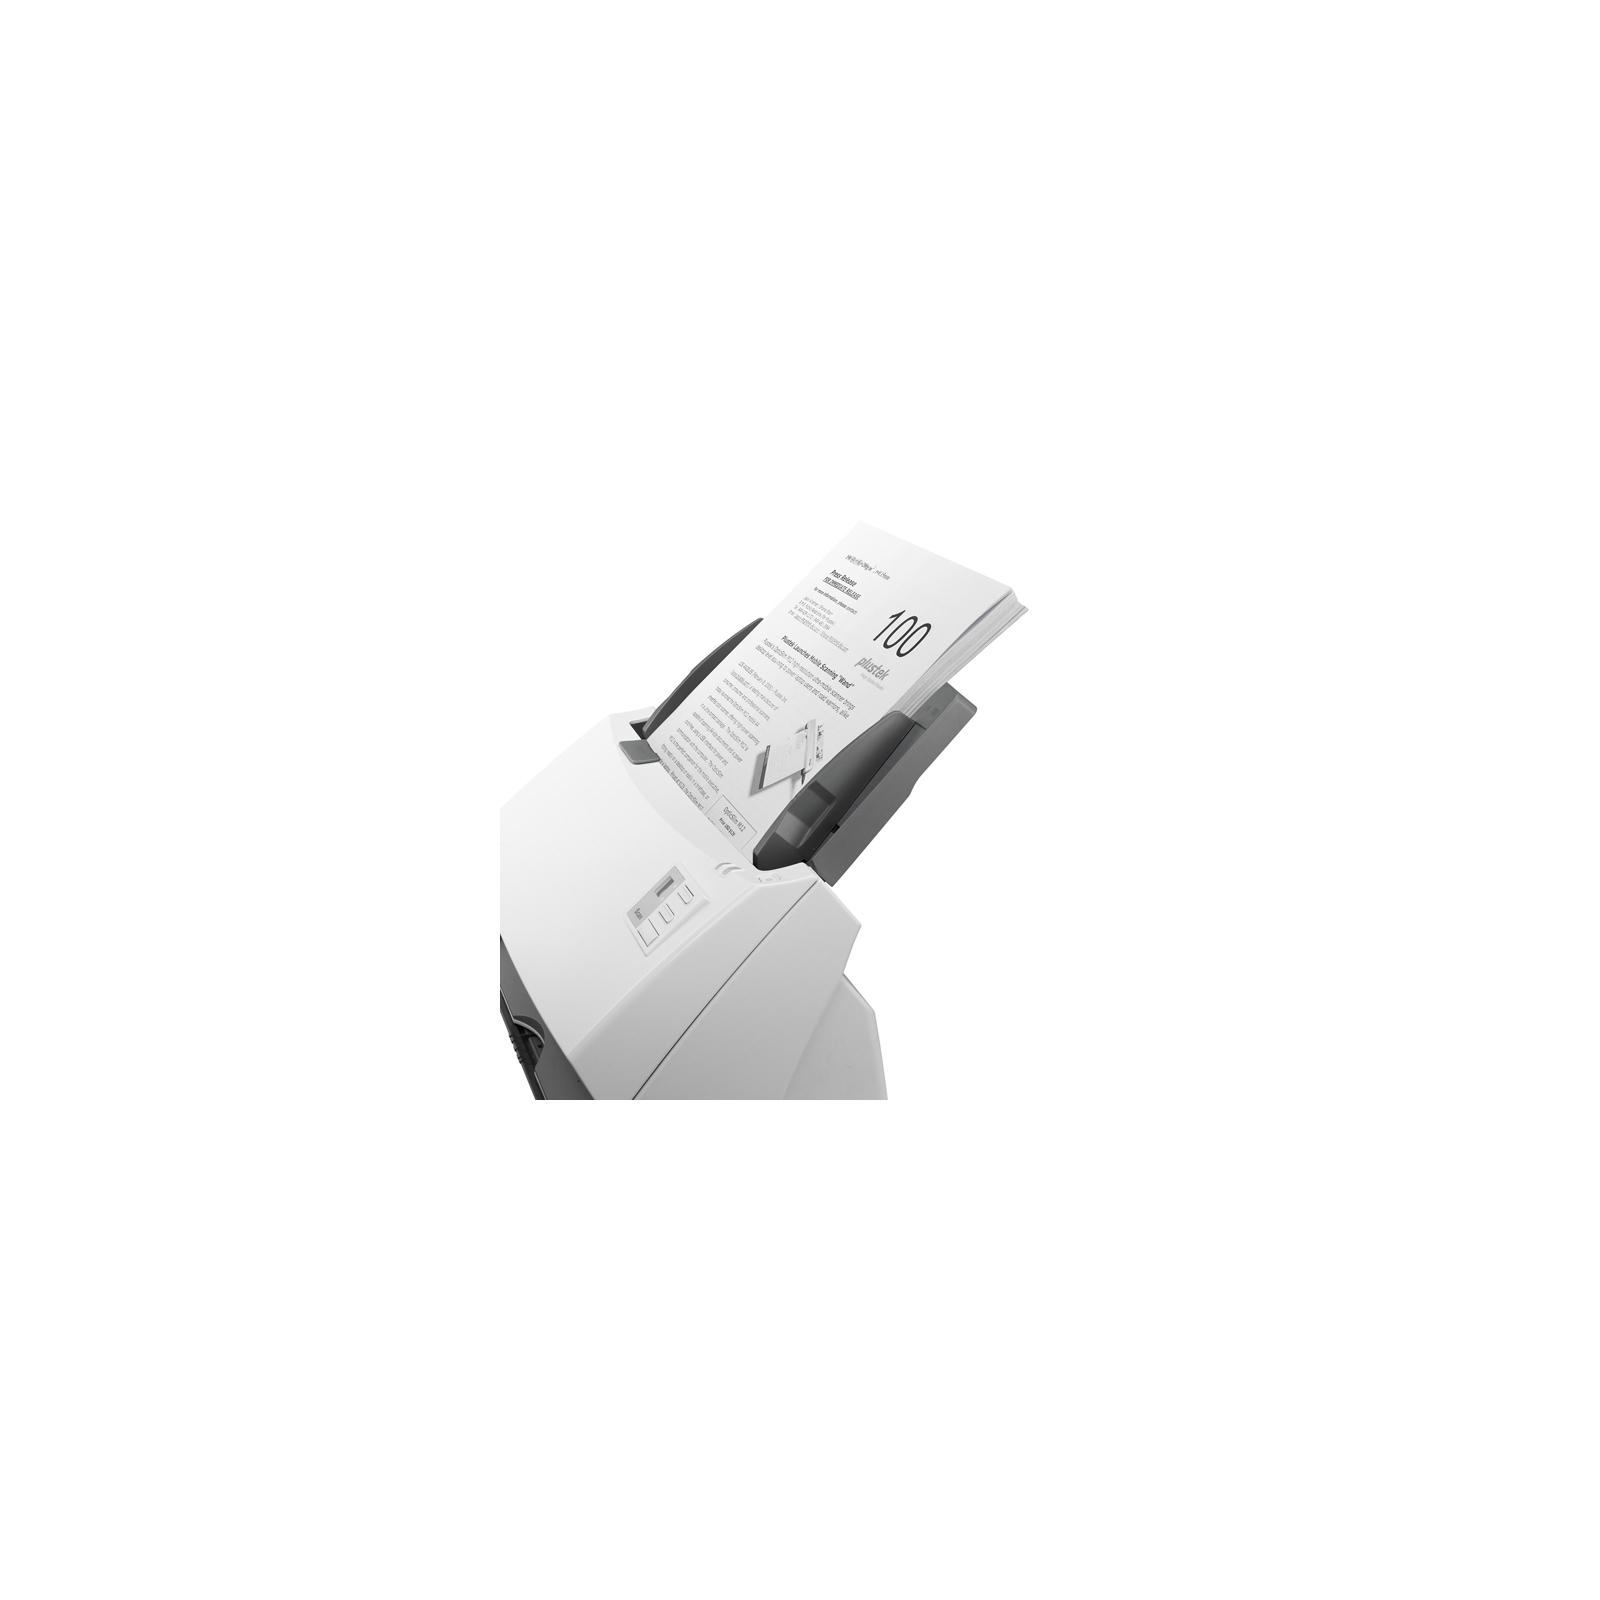 Сканер Plustek SmartOffice PS506U (0242TS) изображение 4